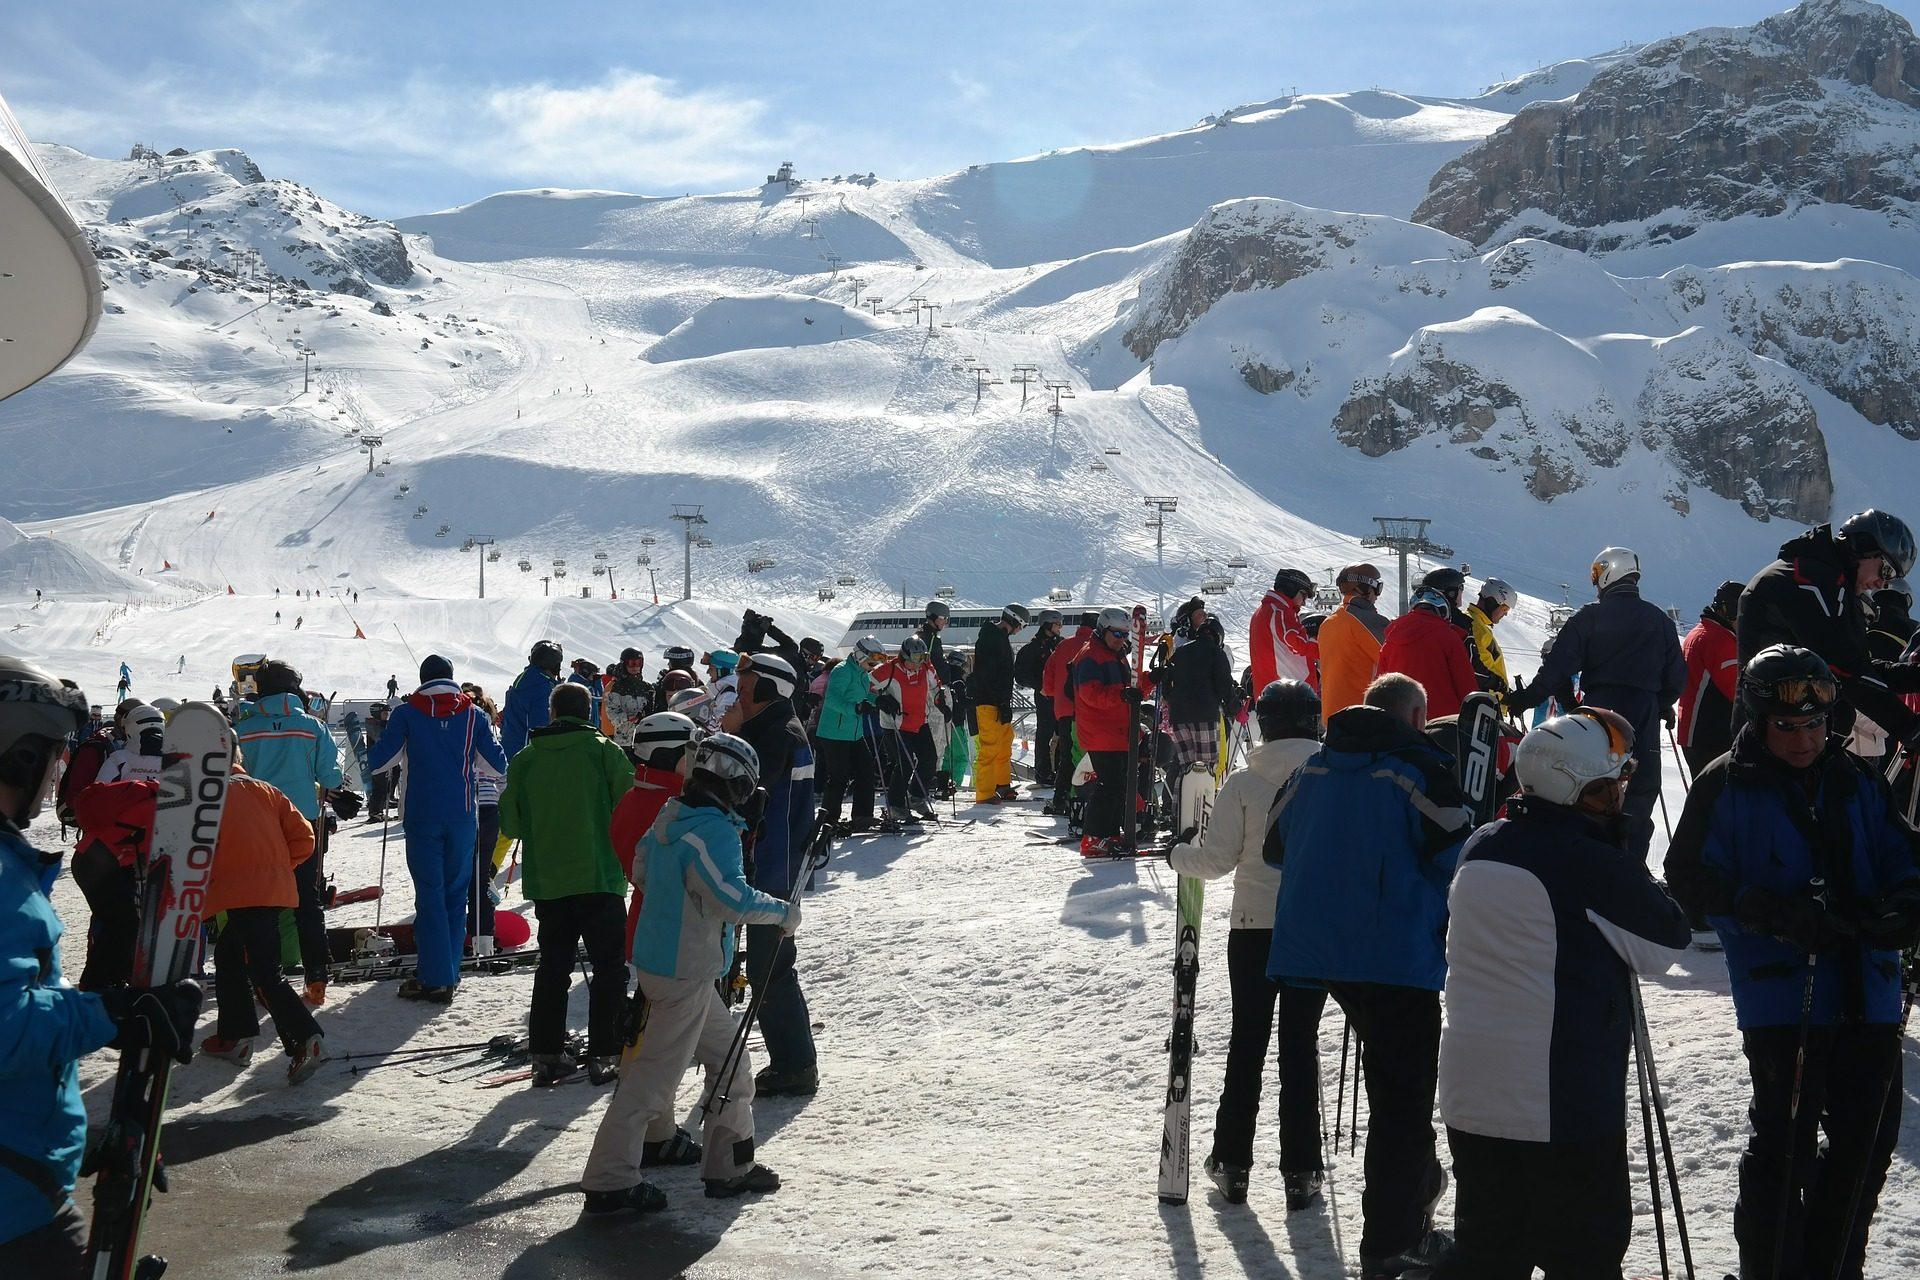 Günstiger Skiurlaub in Ischgl Österreich ab 179,00€ inklusive Skipass 1